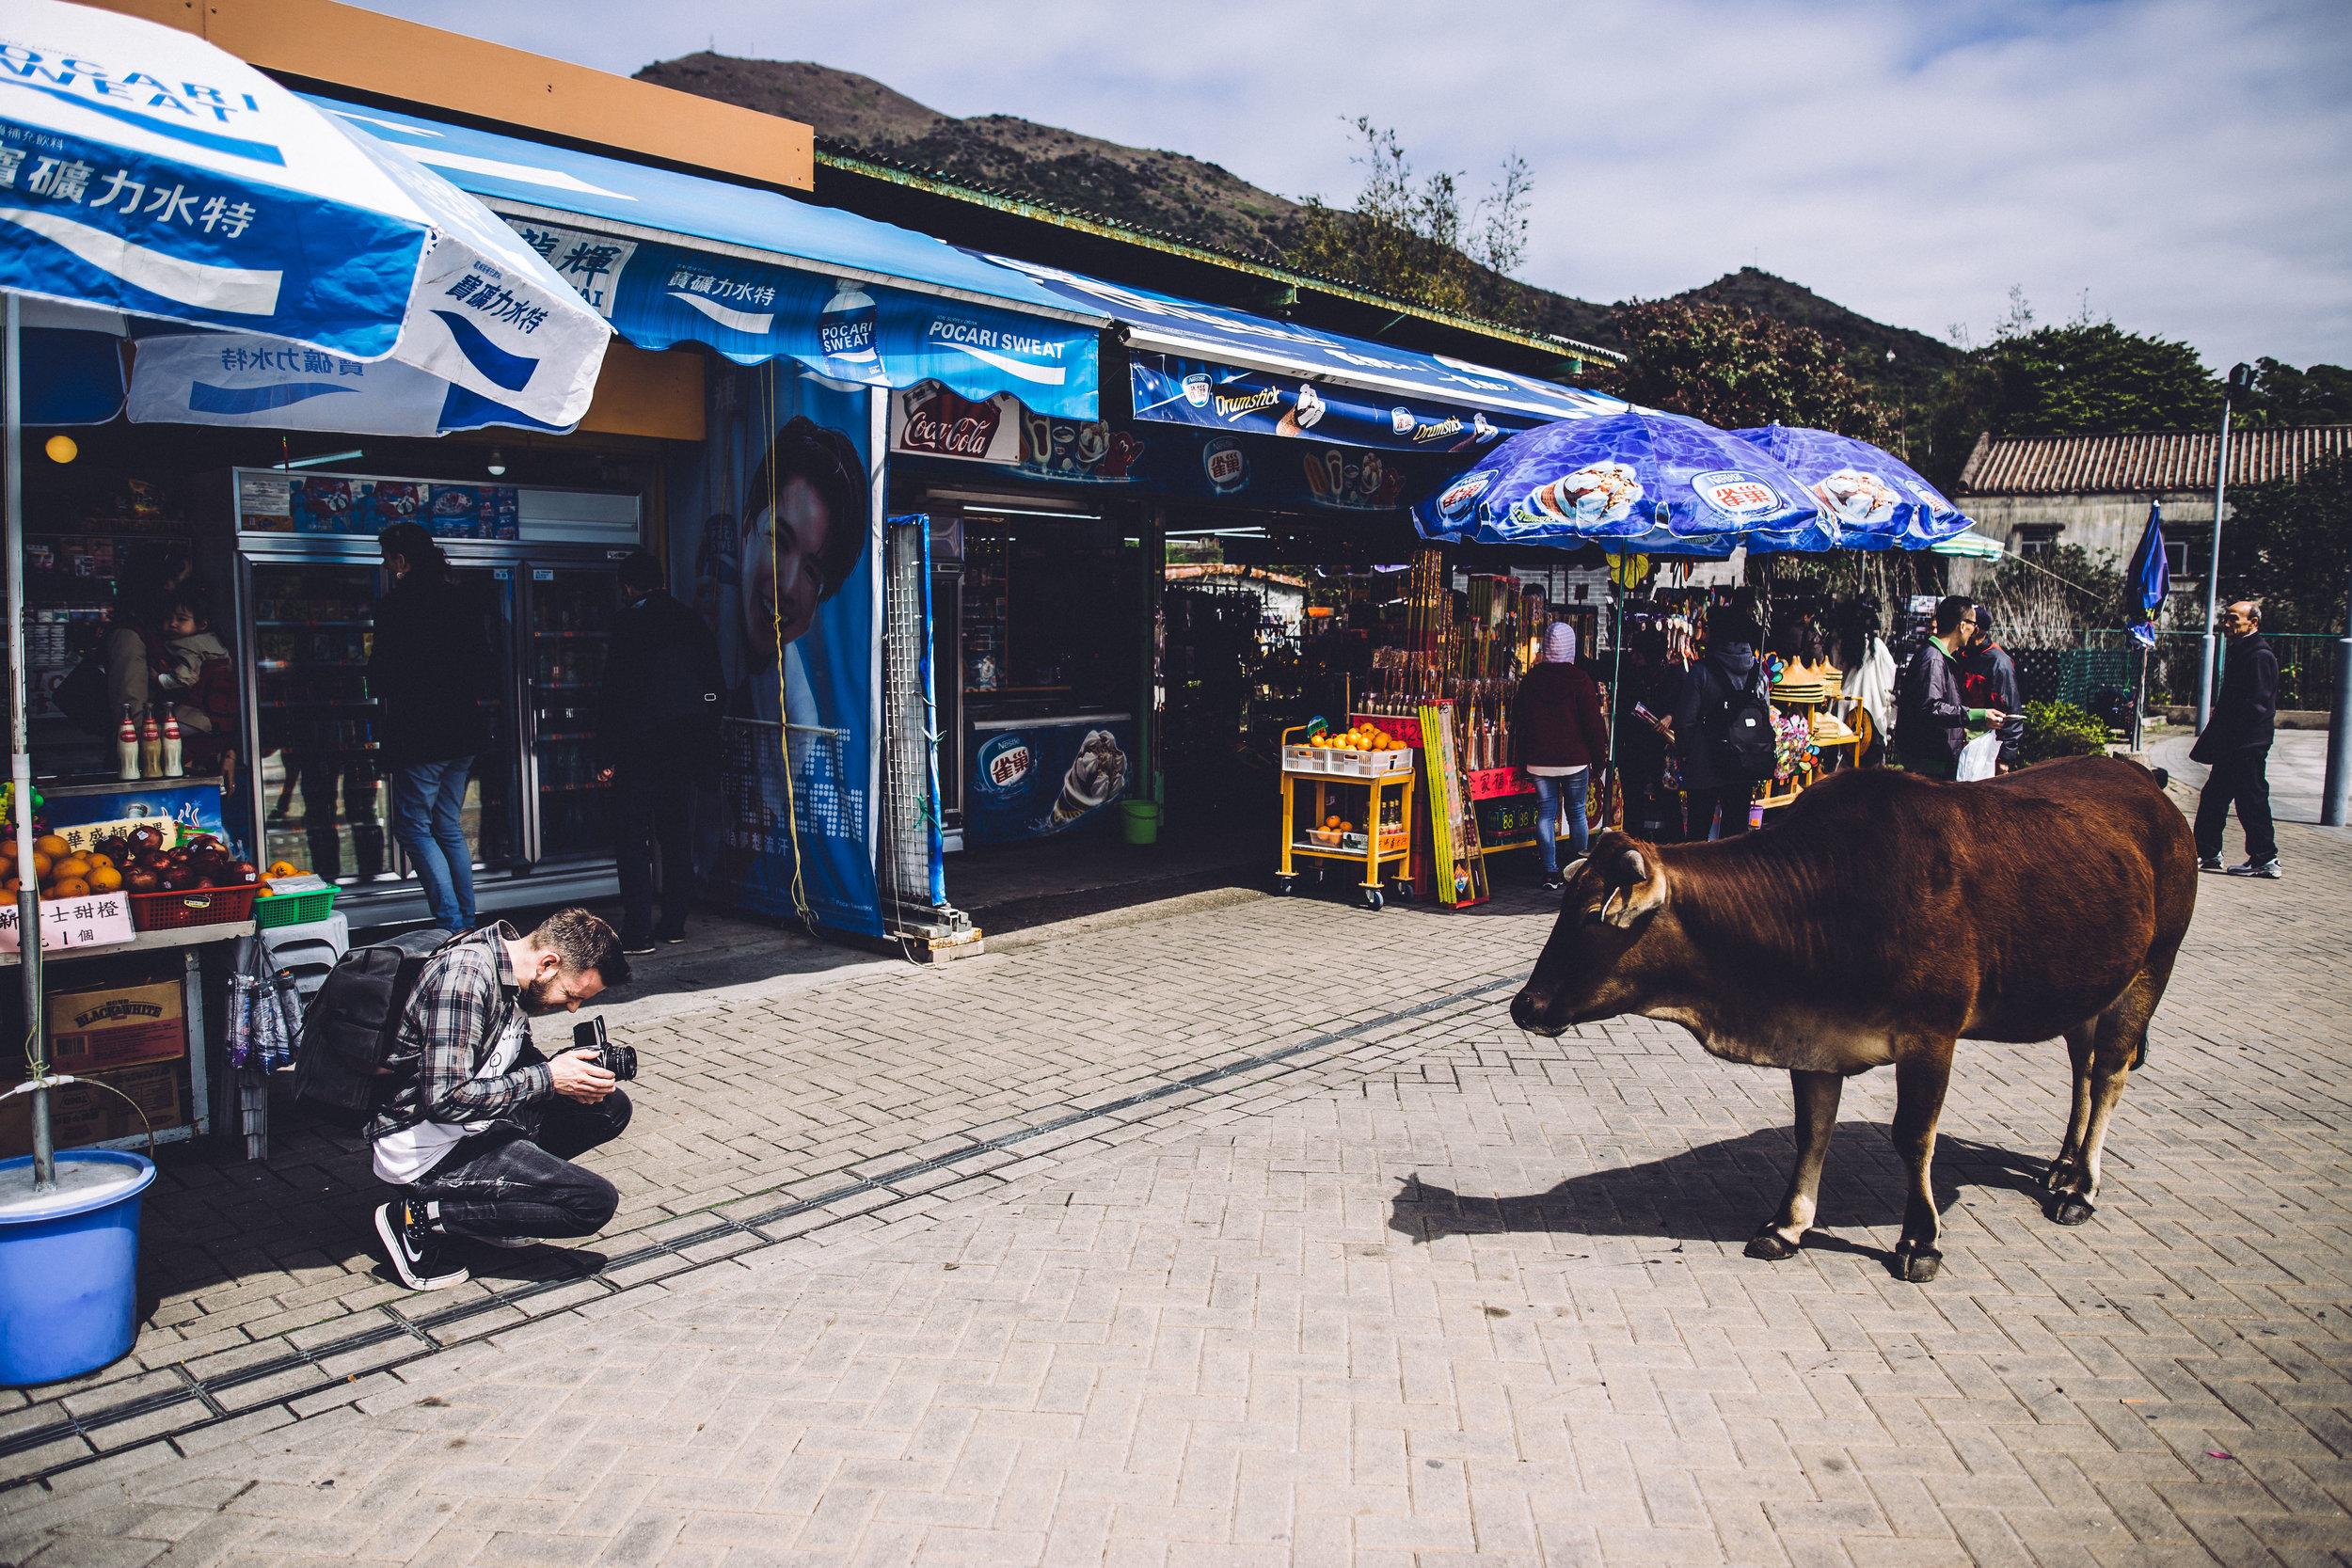 Matt versus Cow